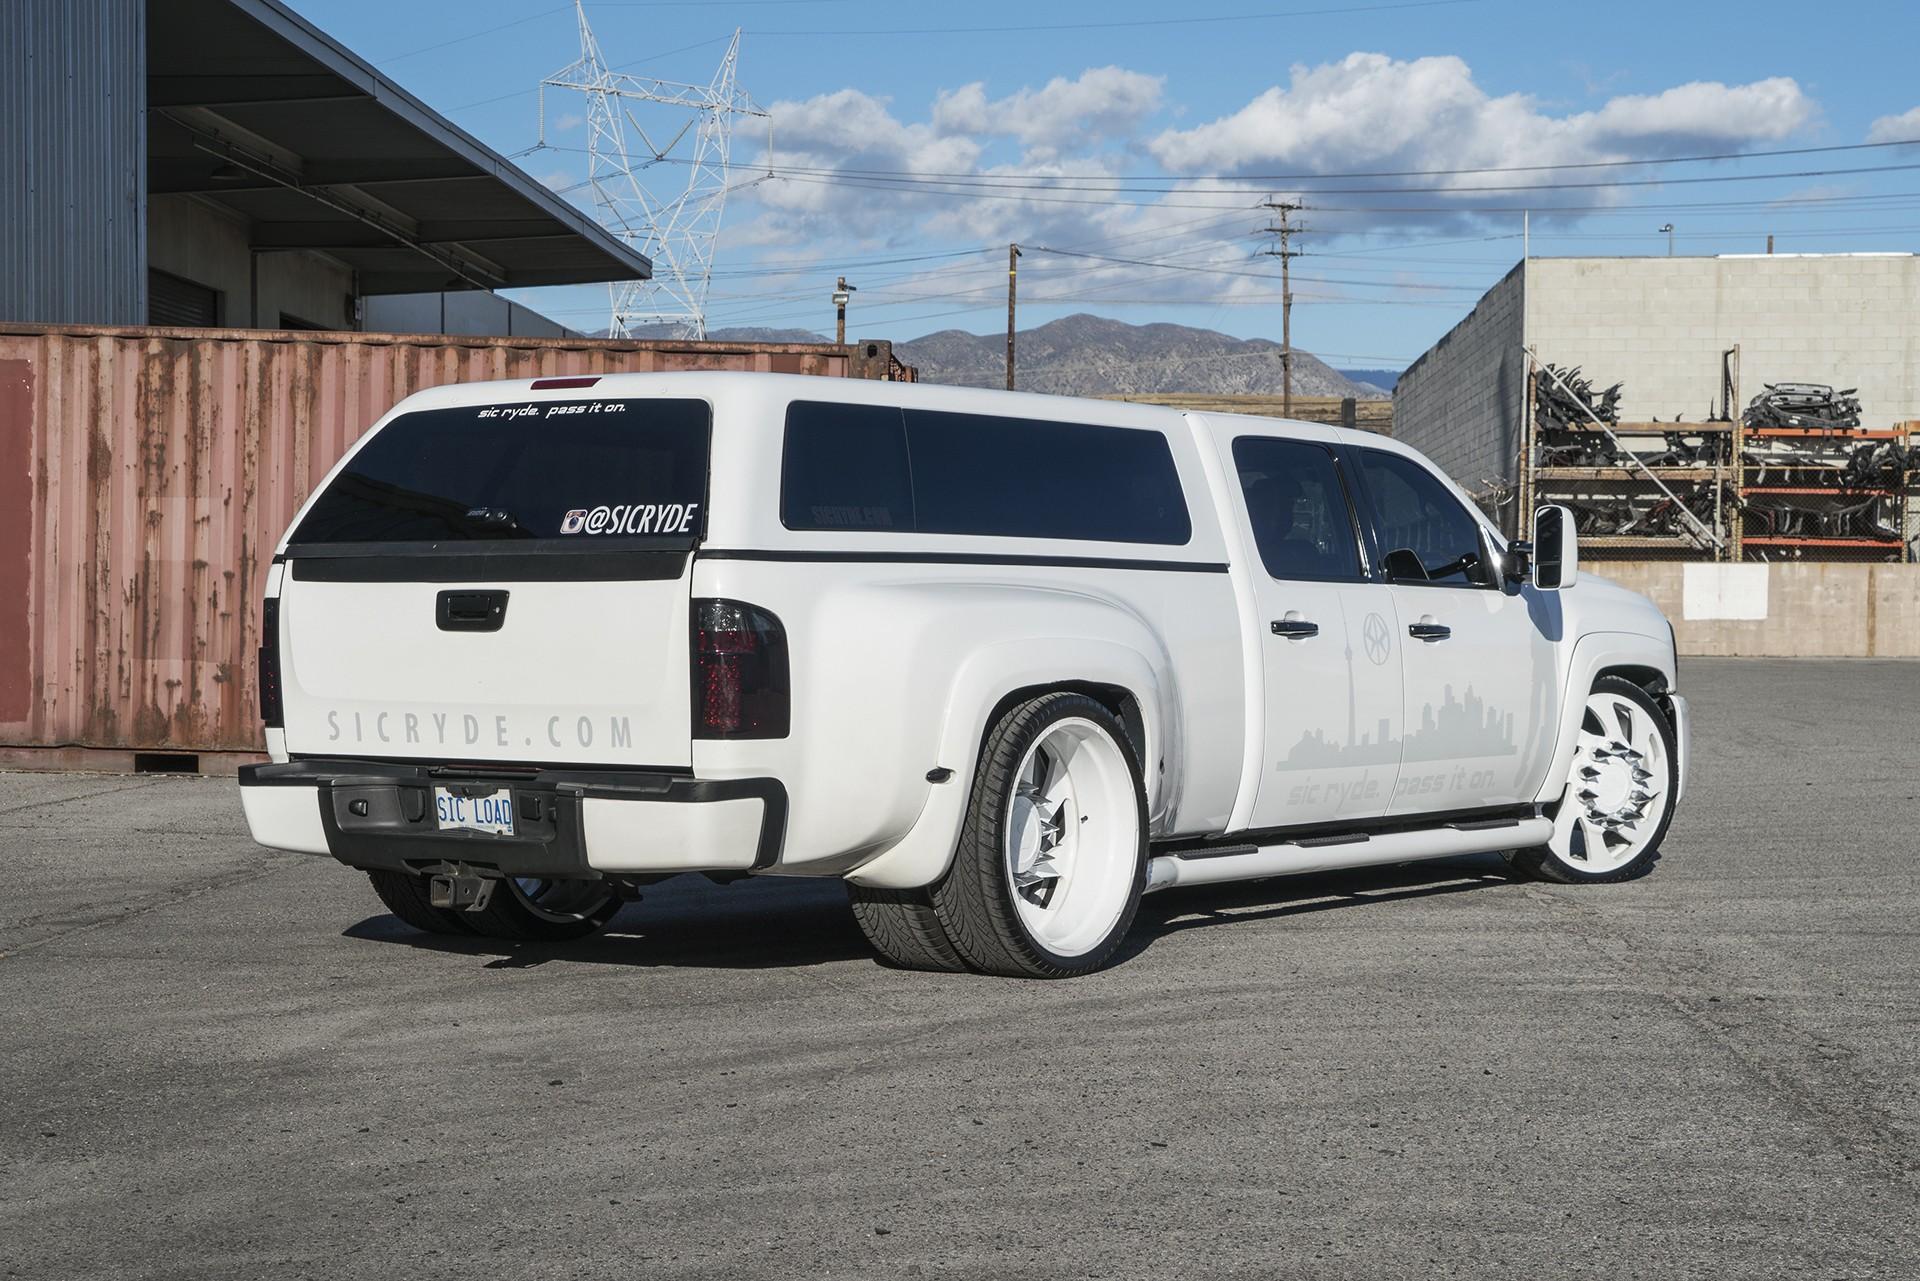 Stanced 6-Wheel Chevy Silverado Rides on Forgiato Dually ...